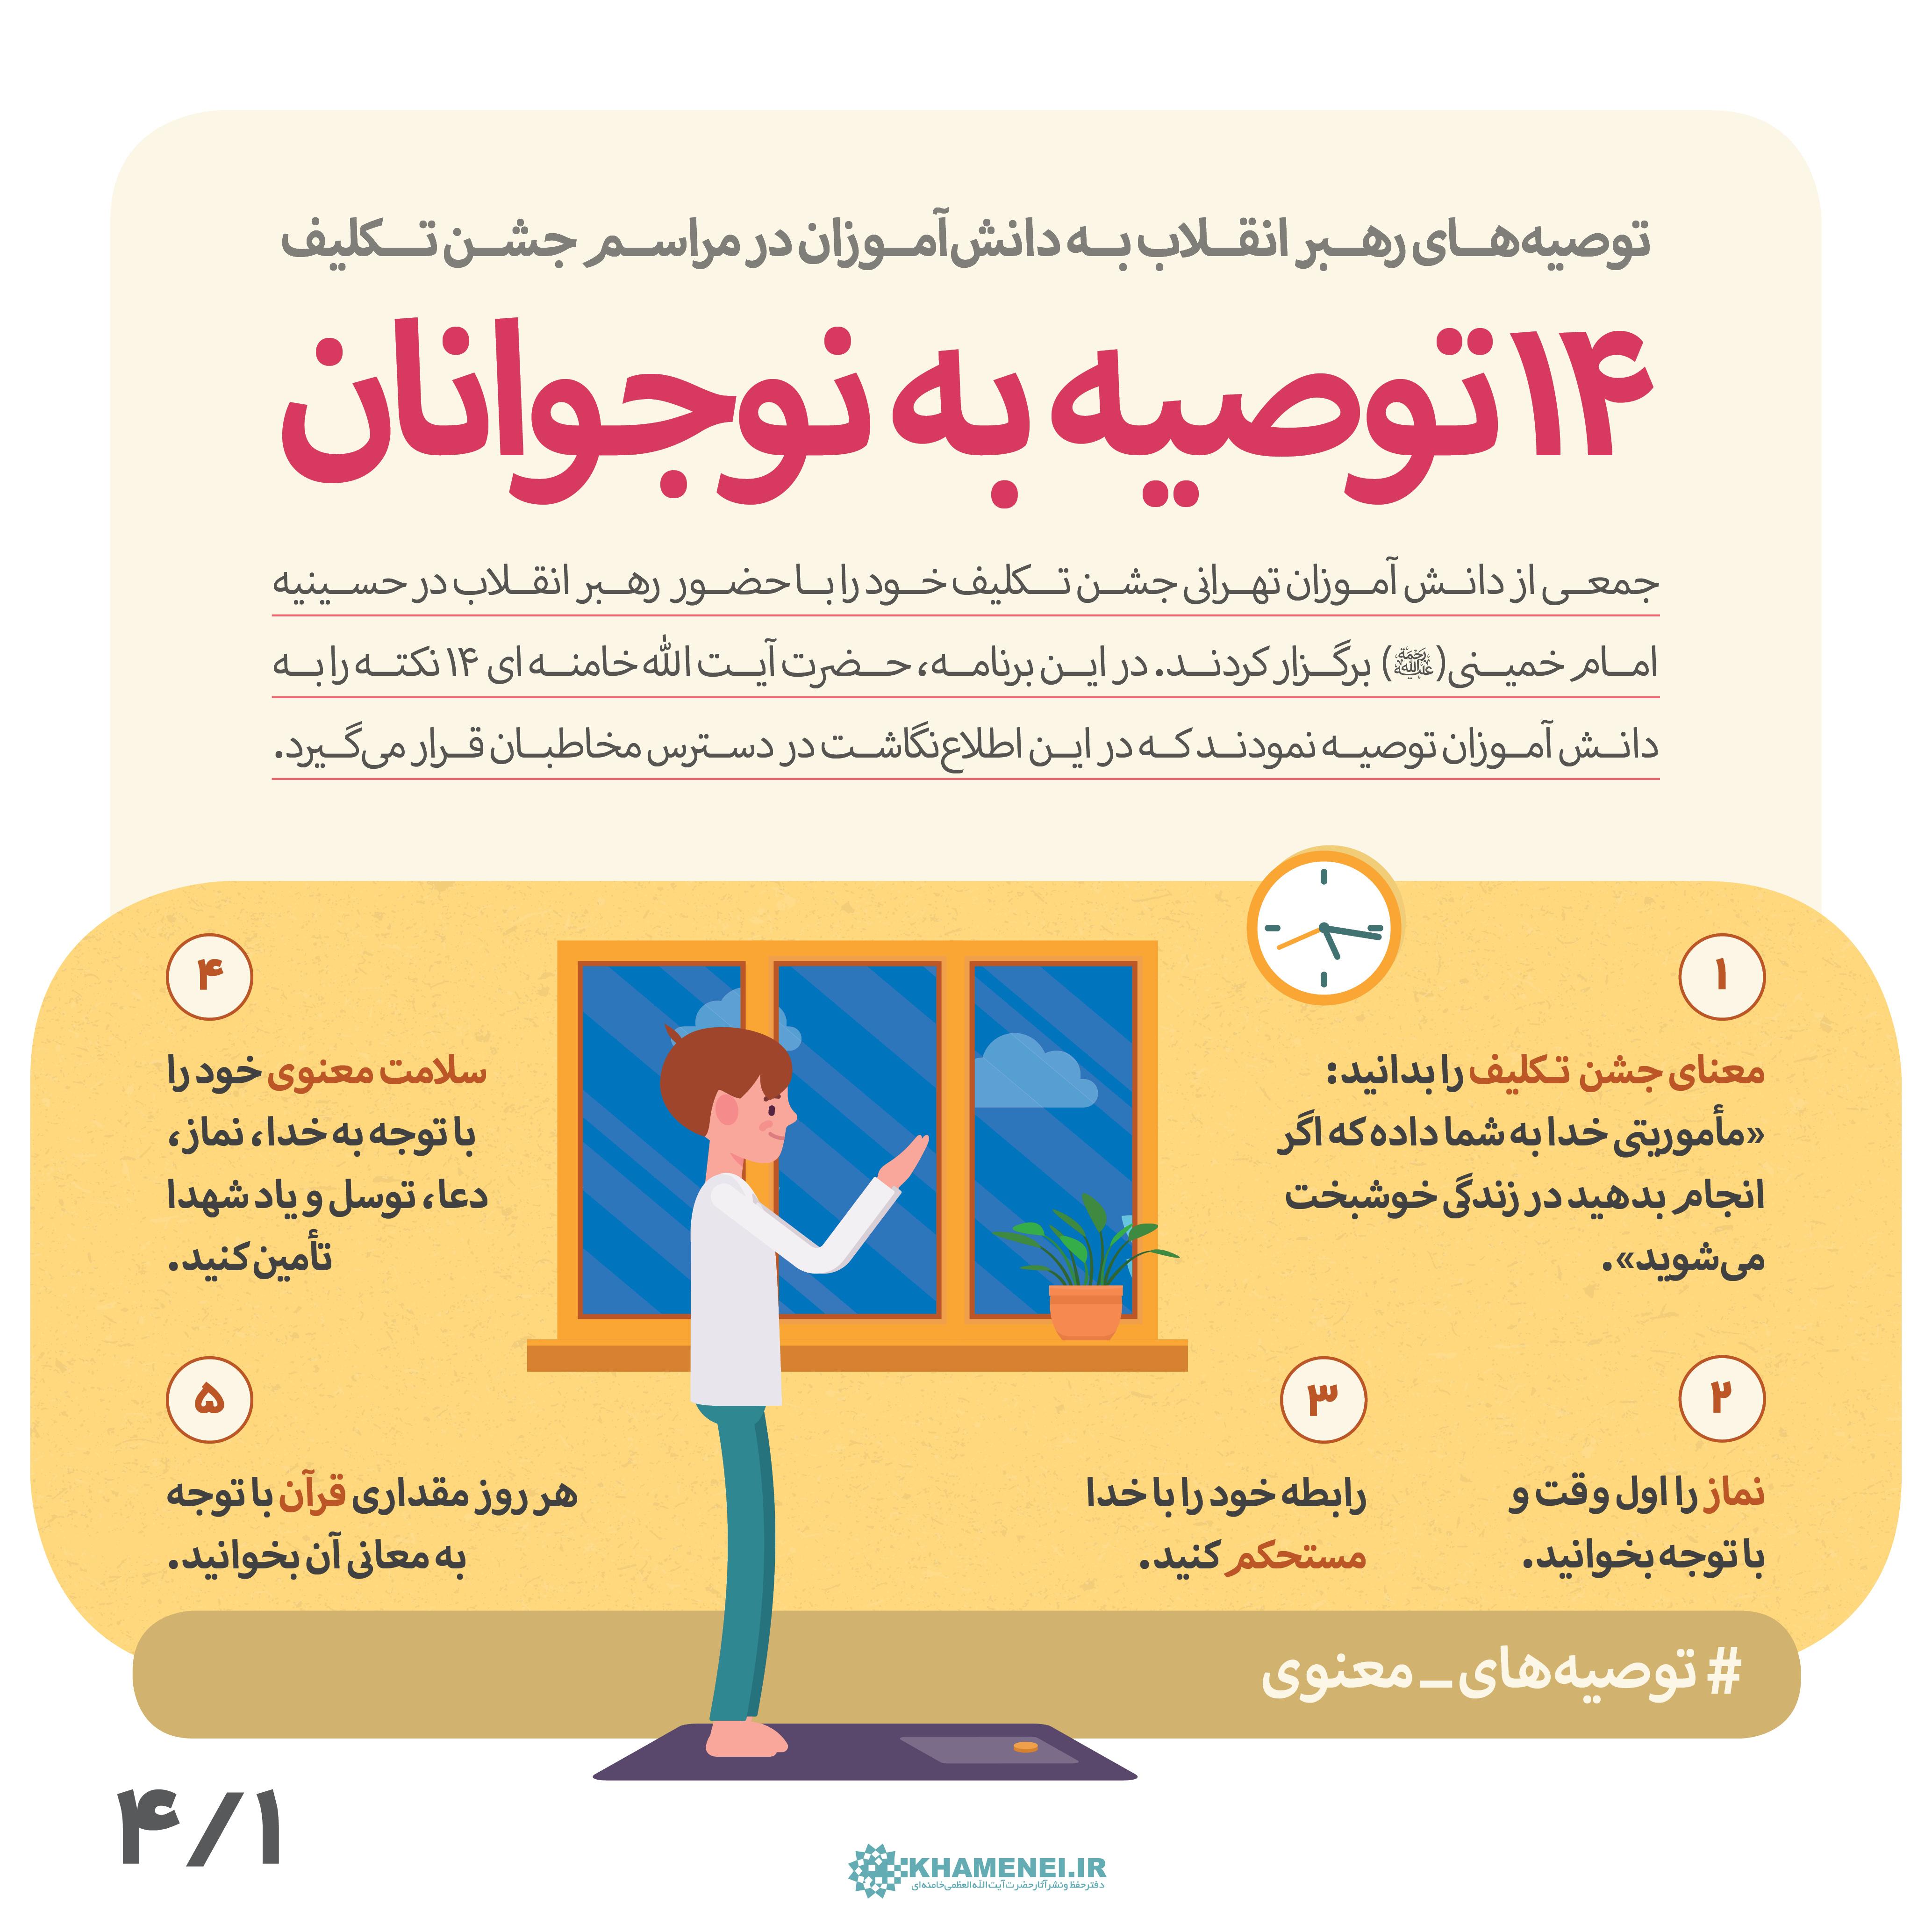 ۱۴ توصیه به نوجوانان